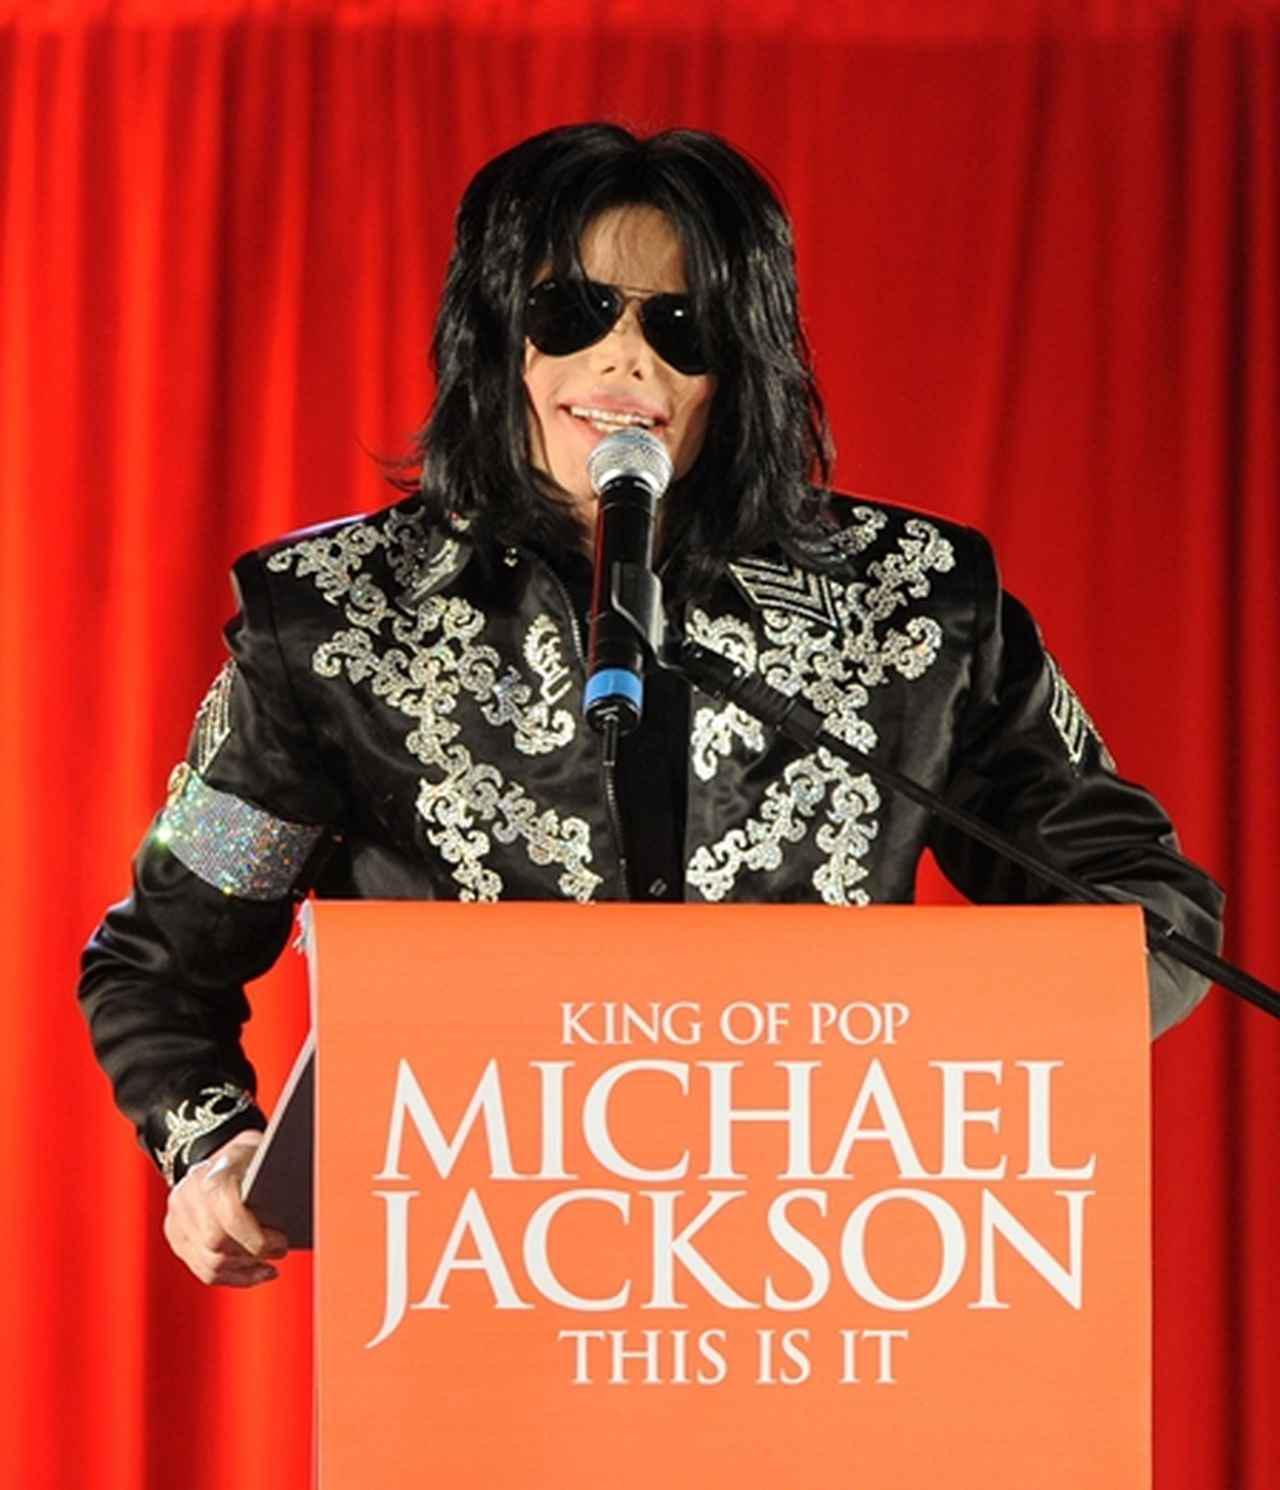 画像1: マイケルが生きていれば63歳に